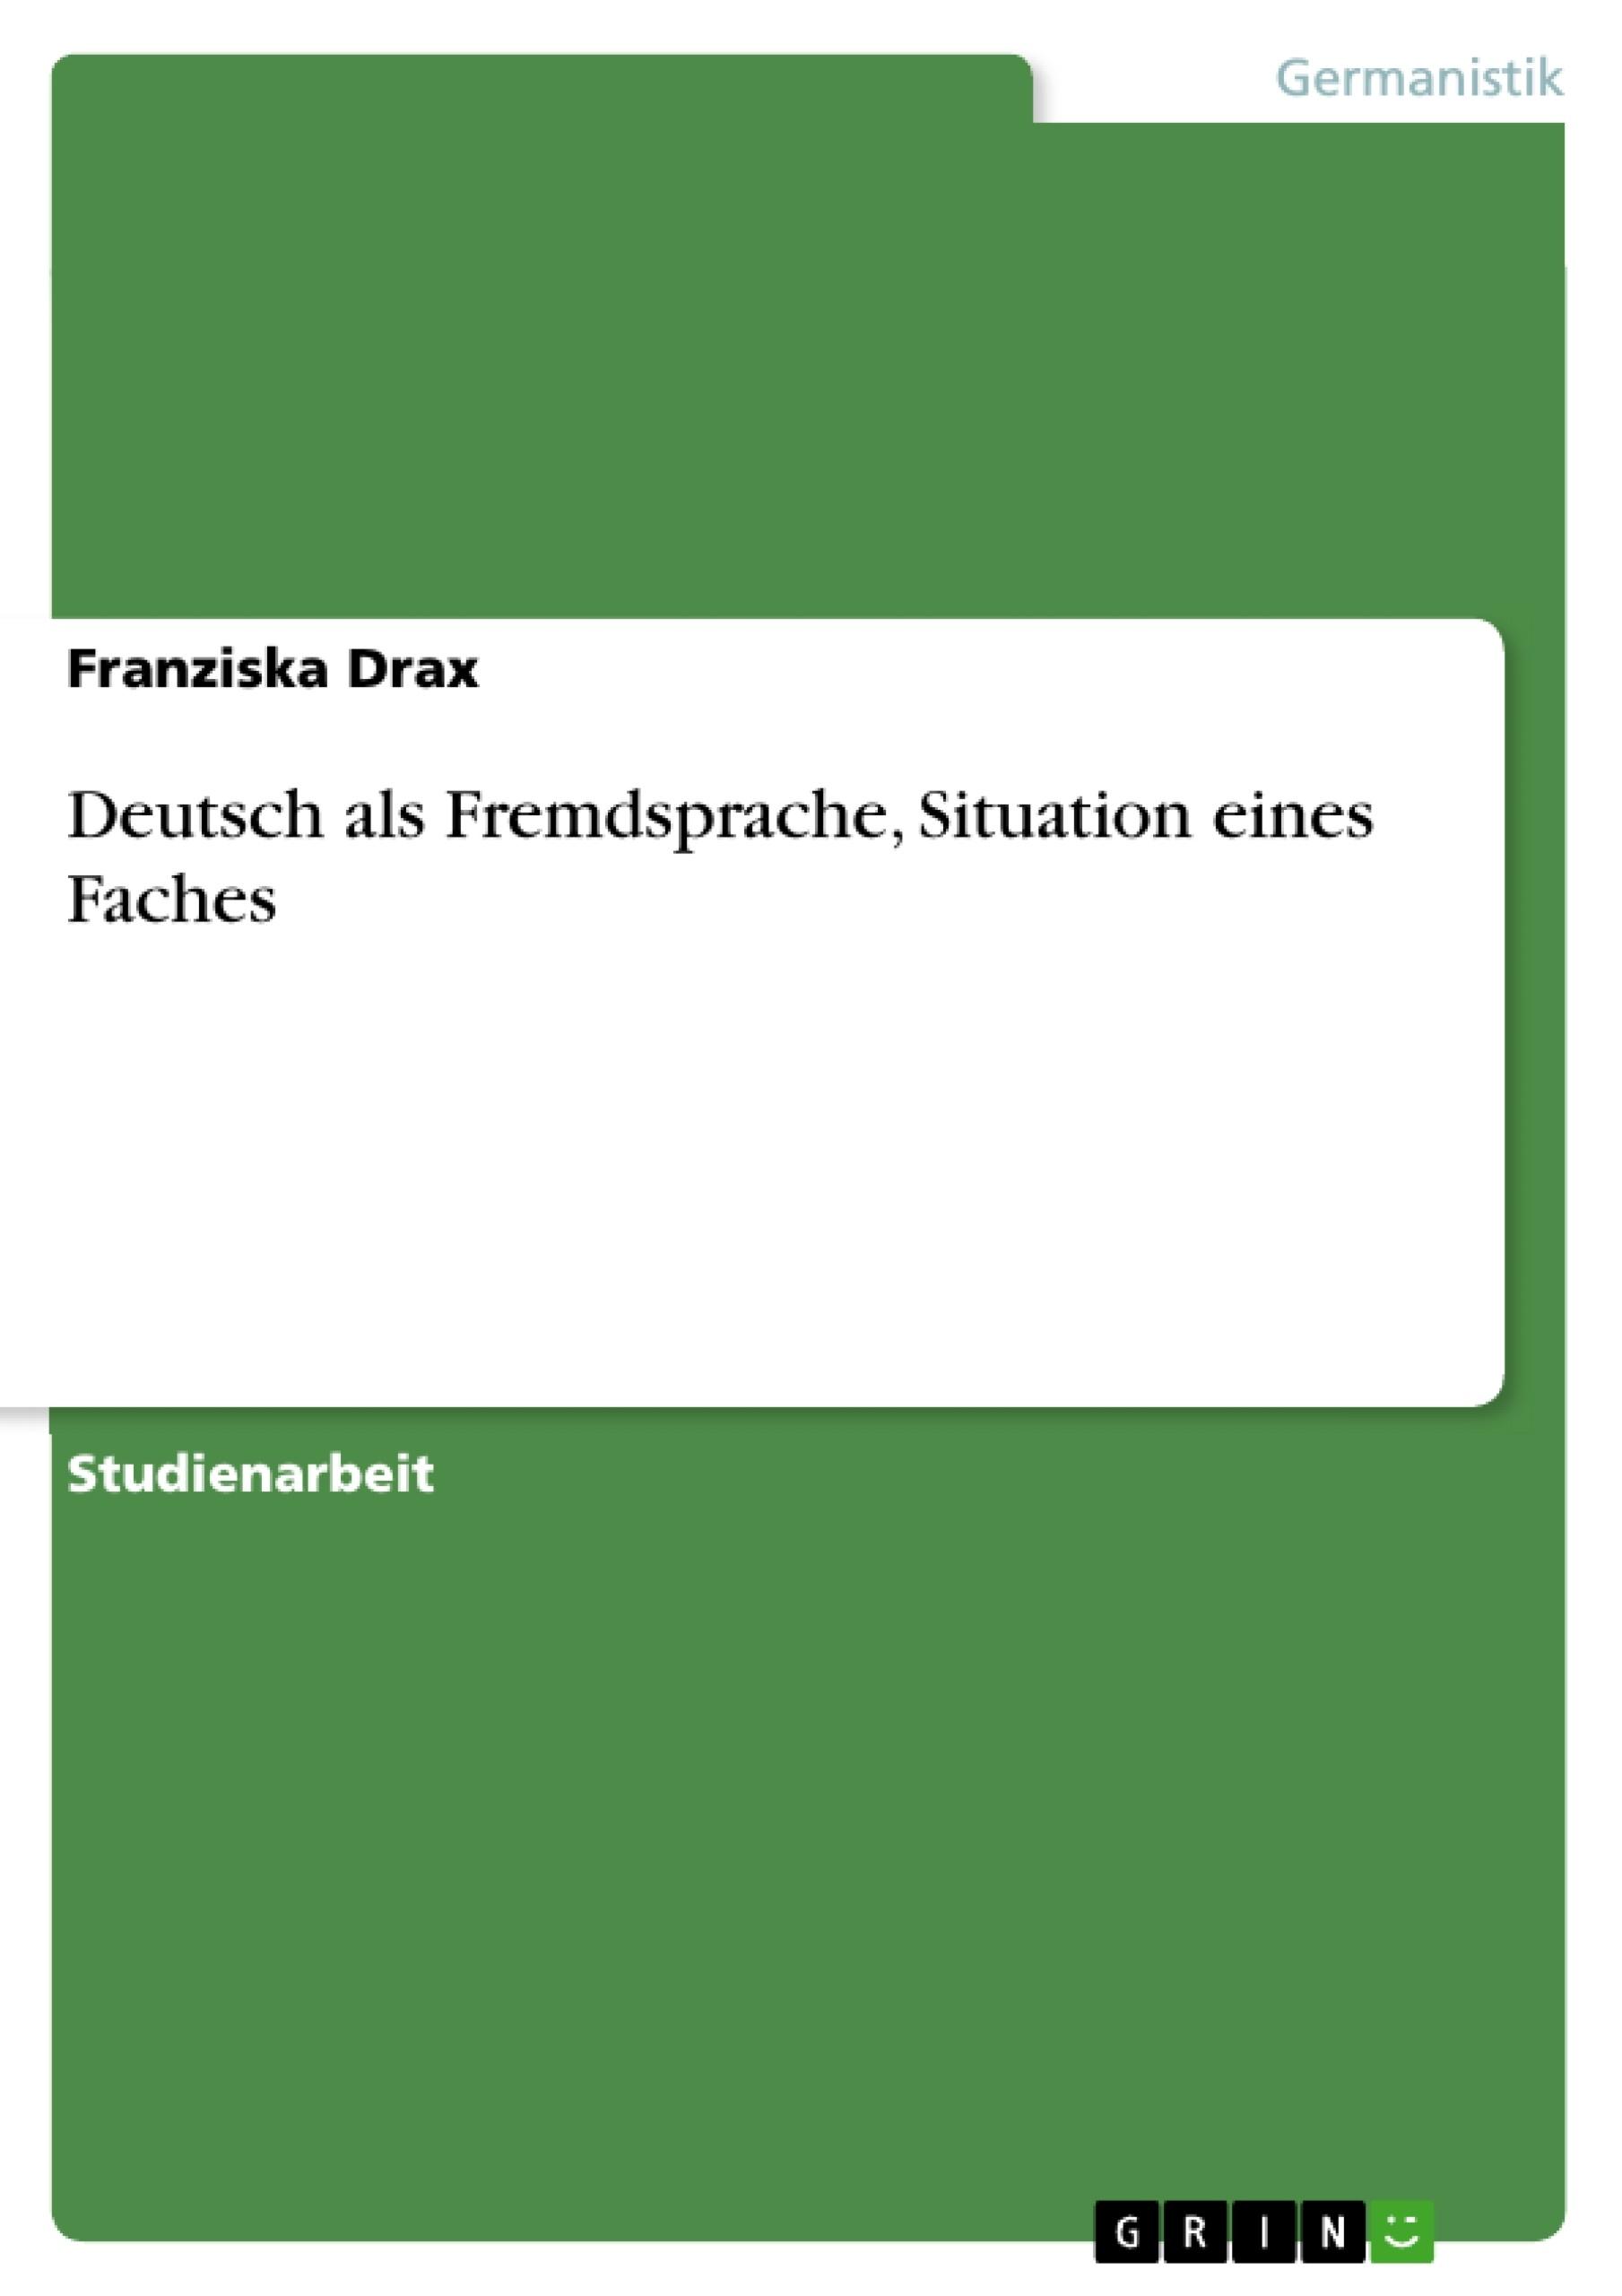 Titel: Deutsch als Fremdsprache, Situation eines Faches